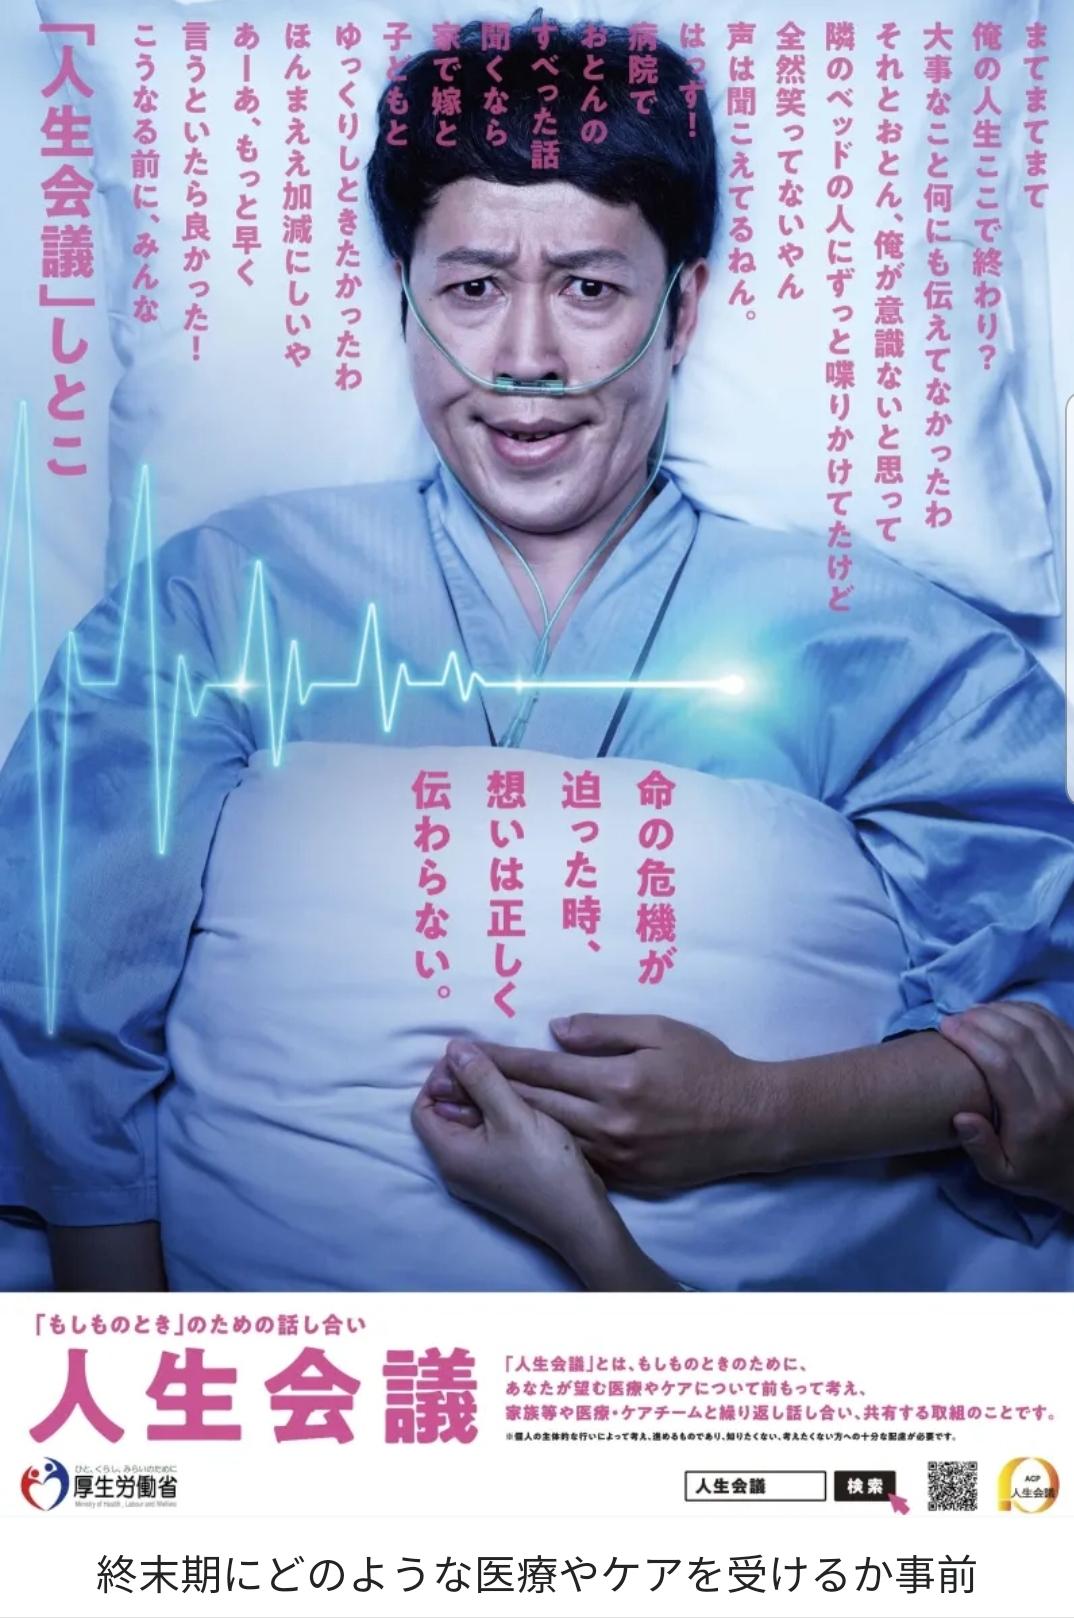 【画像】小藪がイキった終末医療患者を演じた厚労省ポスター、非難殺到で撤去